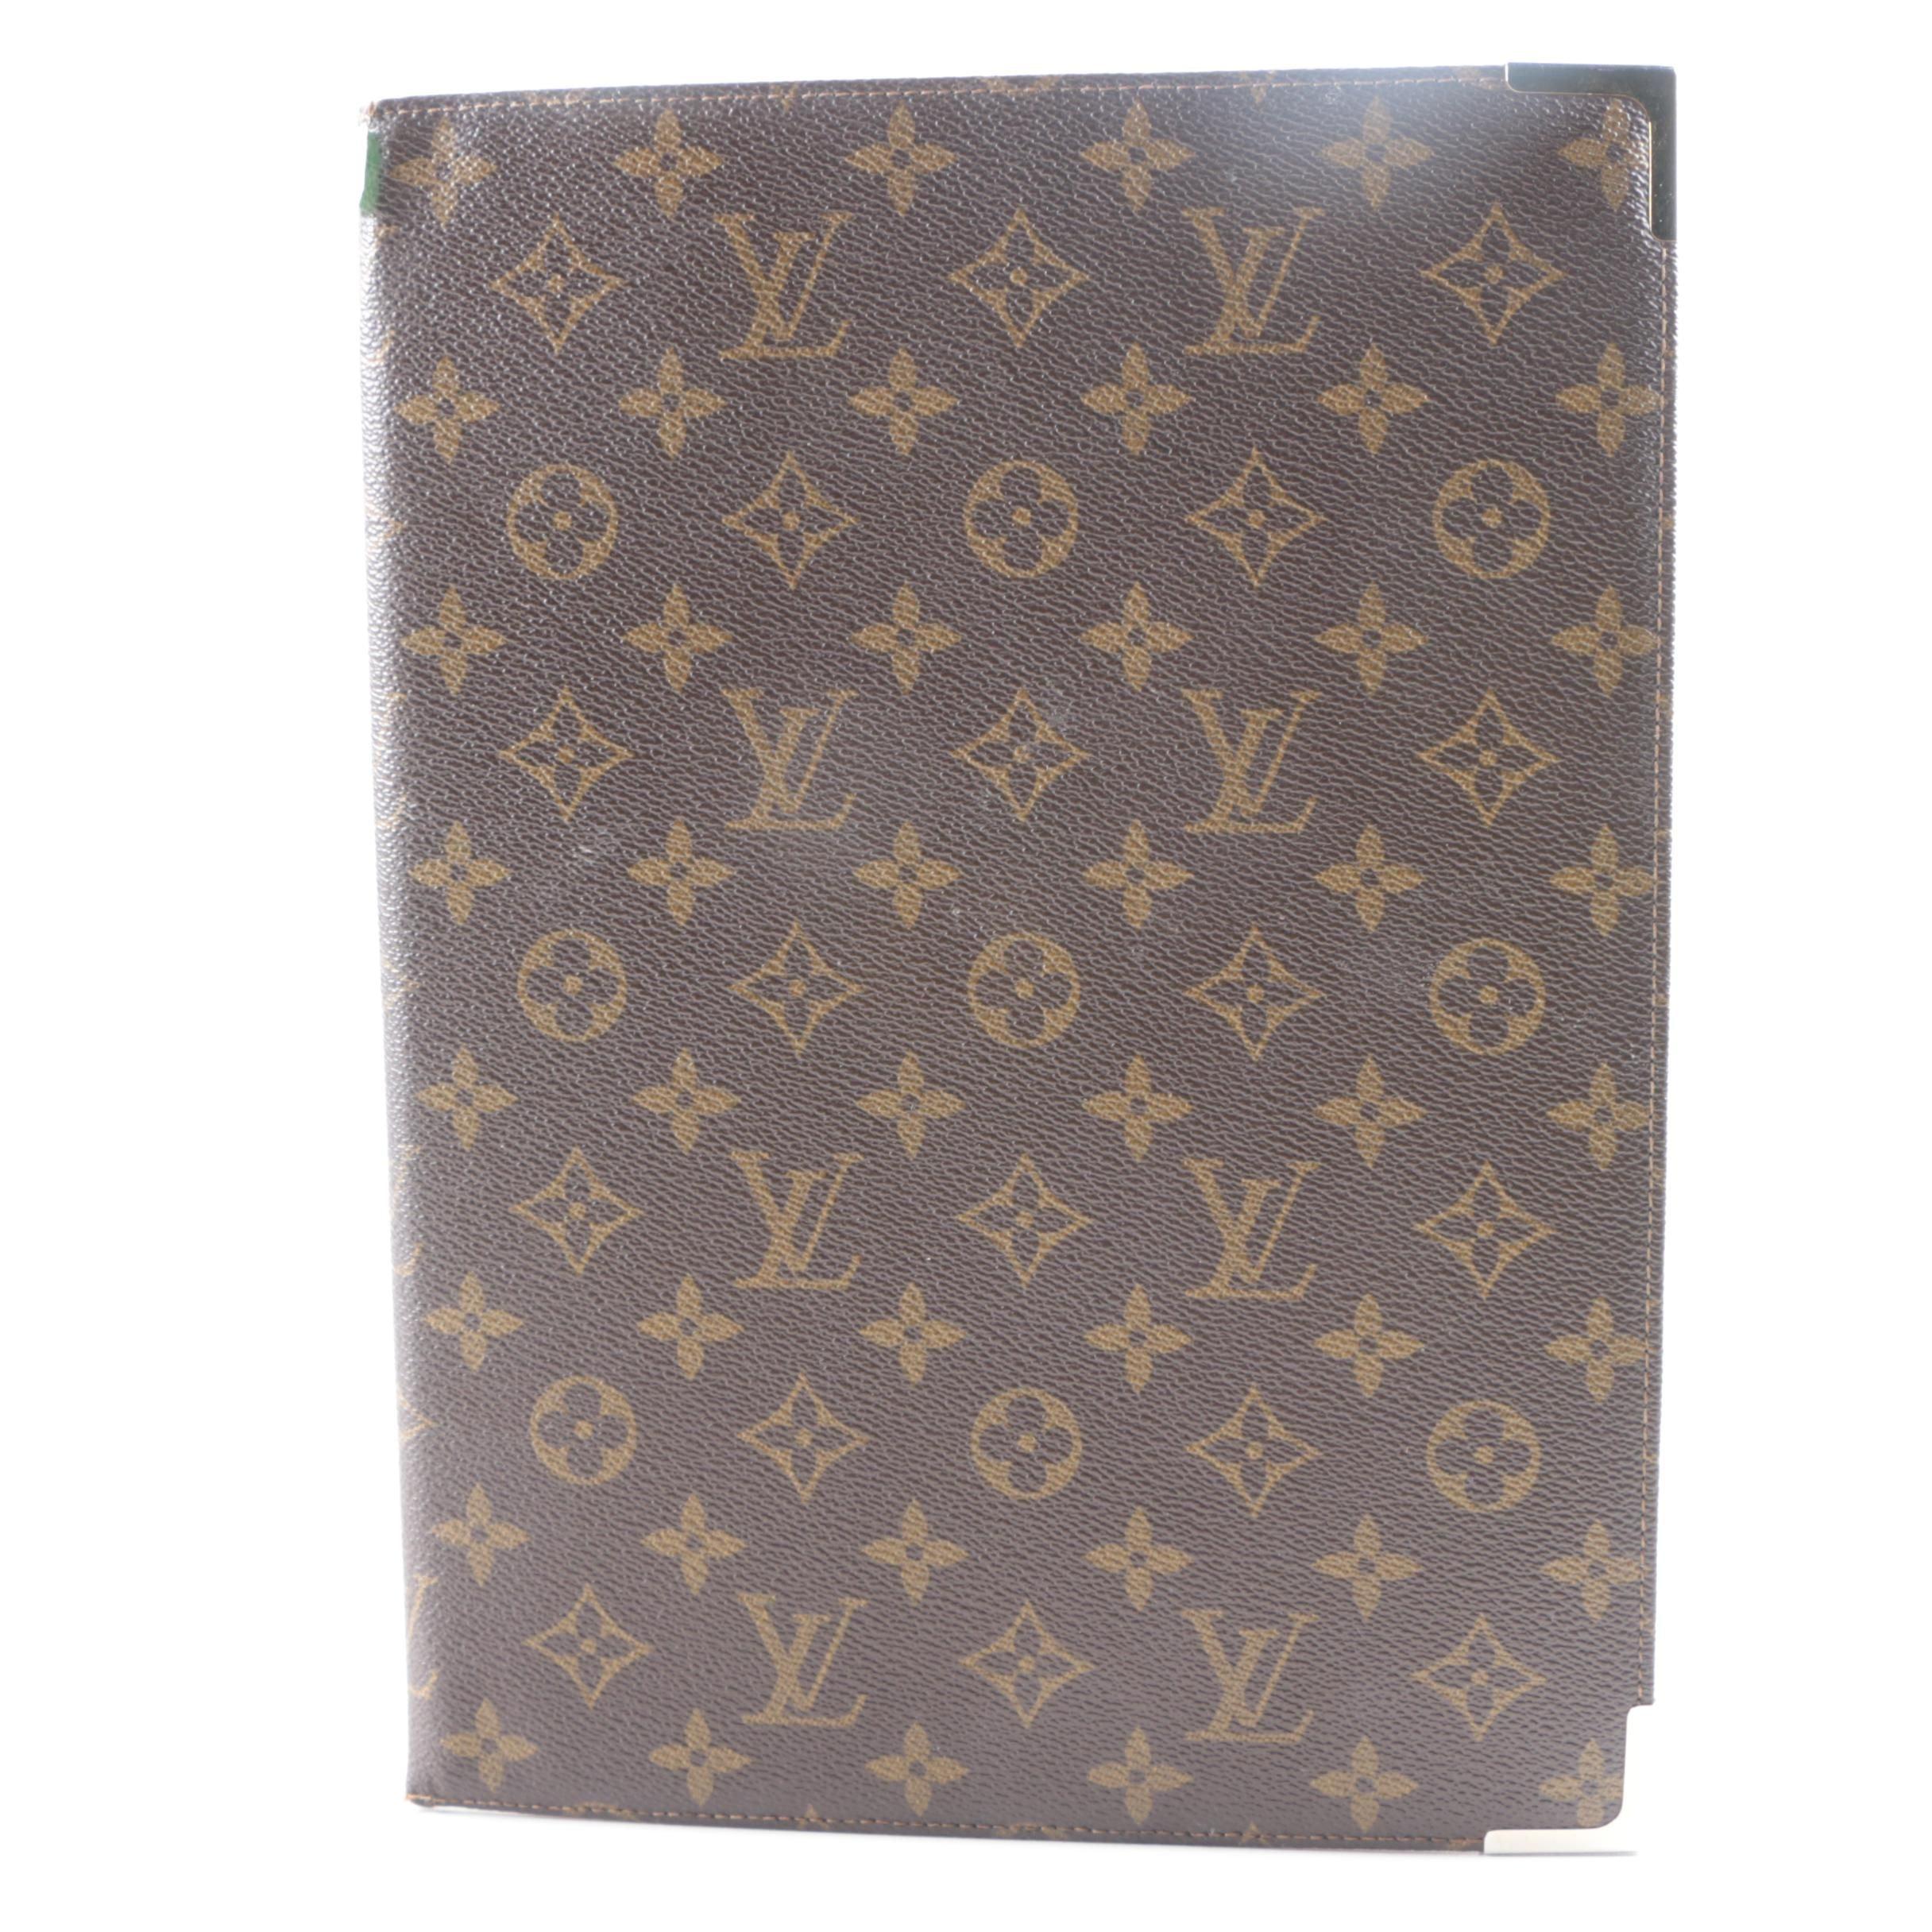 Vintage Louis Vuitton Signature Canvas and Leather Portfolio